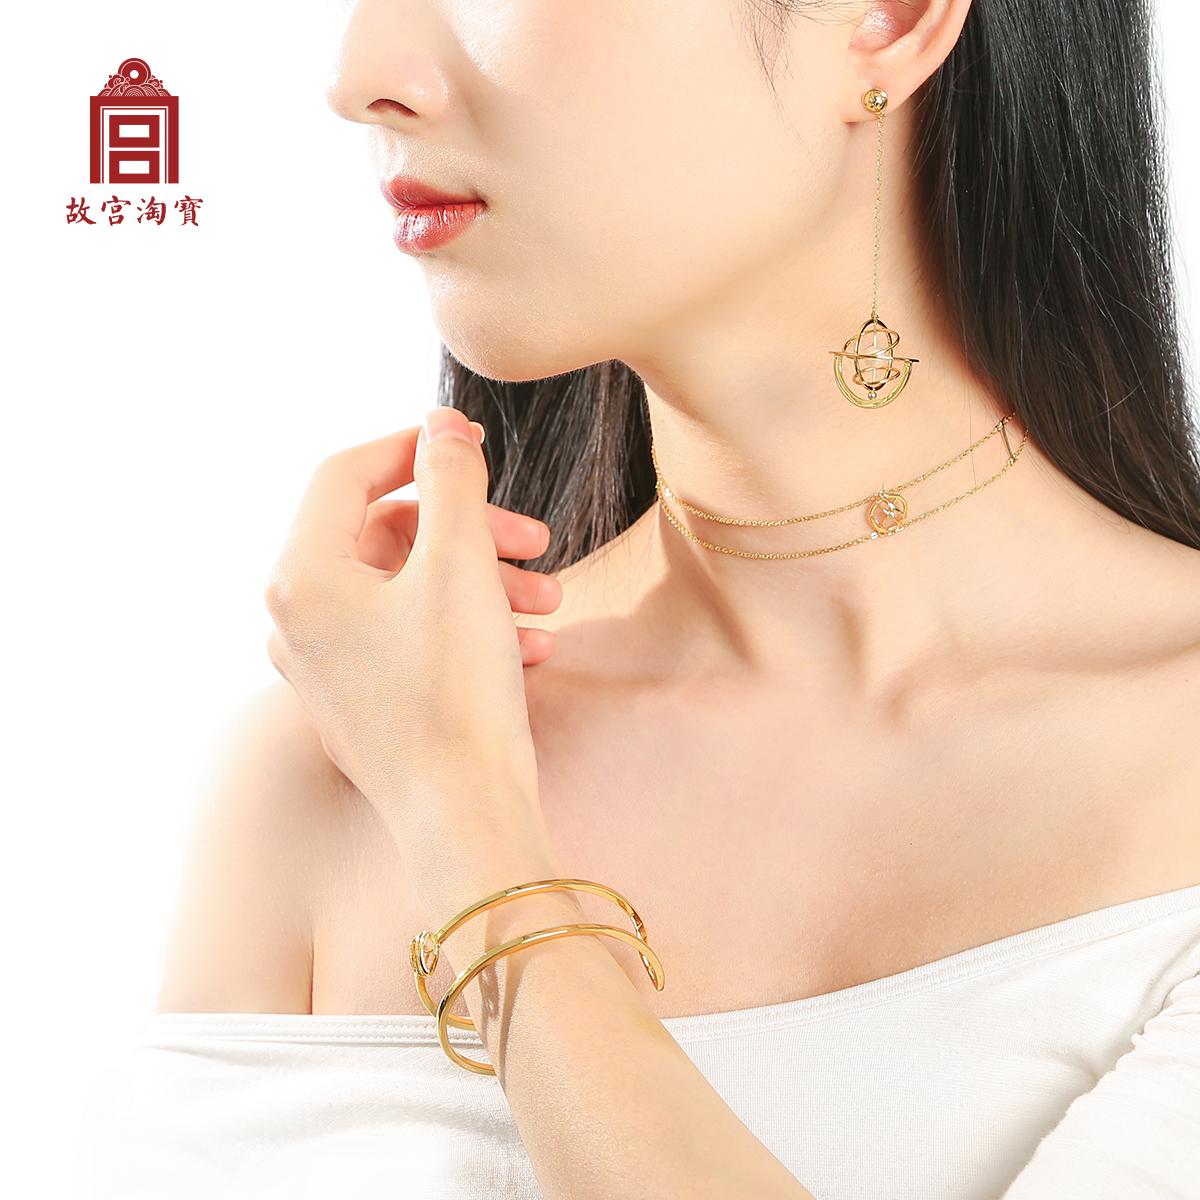 金材质 18k 铜镀 手镯 项链 月相依系列耳坠 故宫淘宝